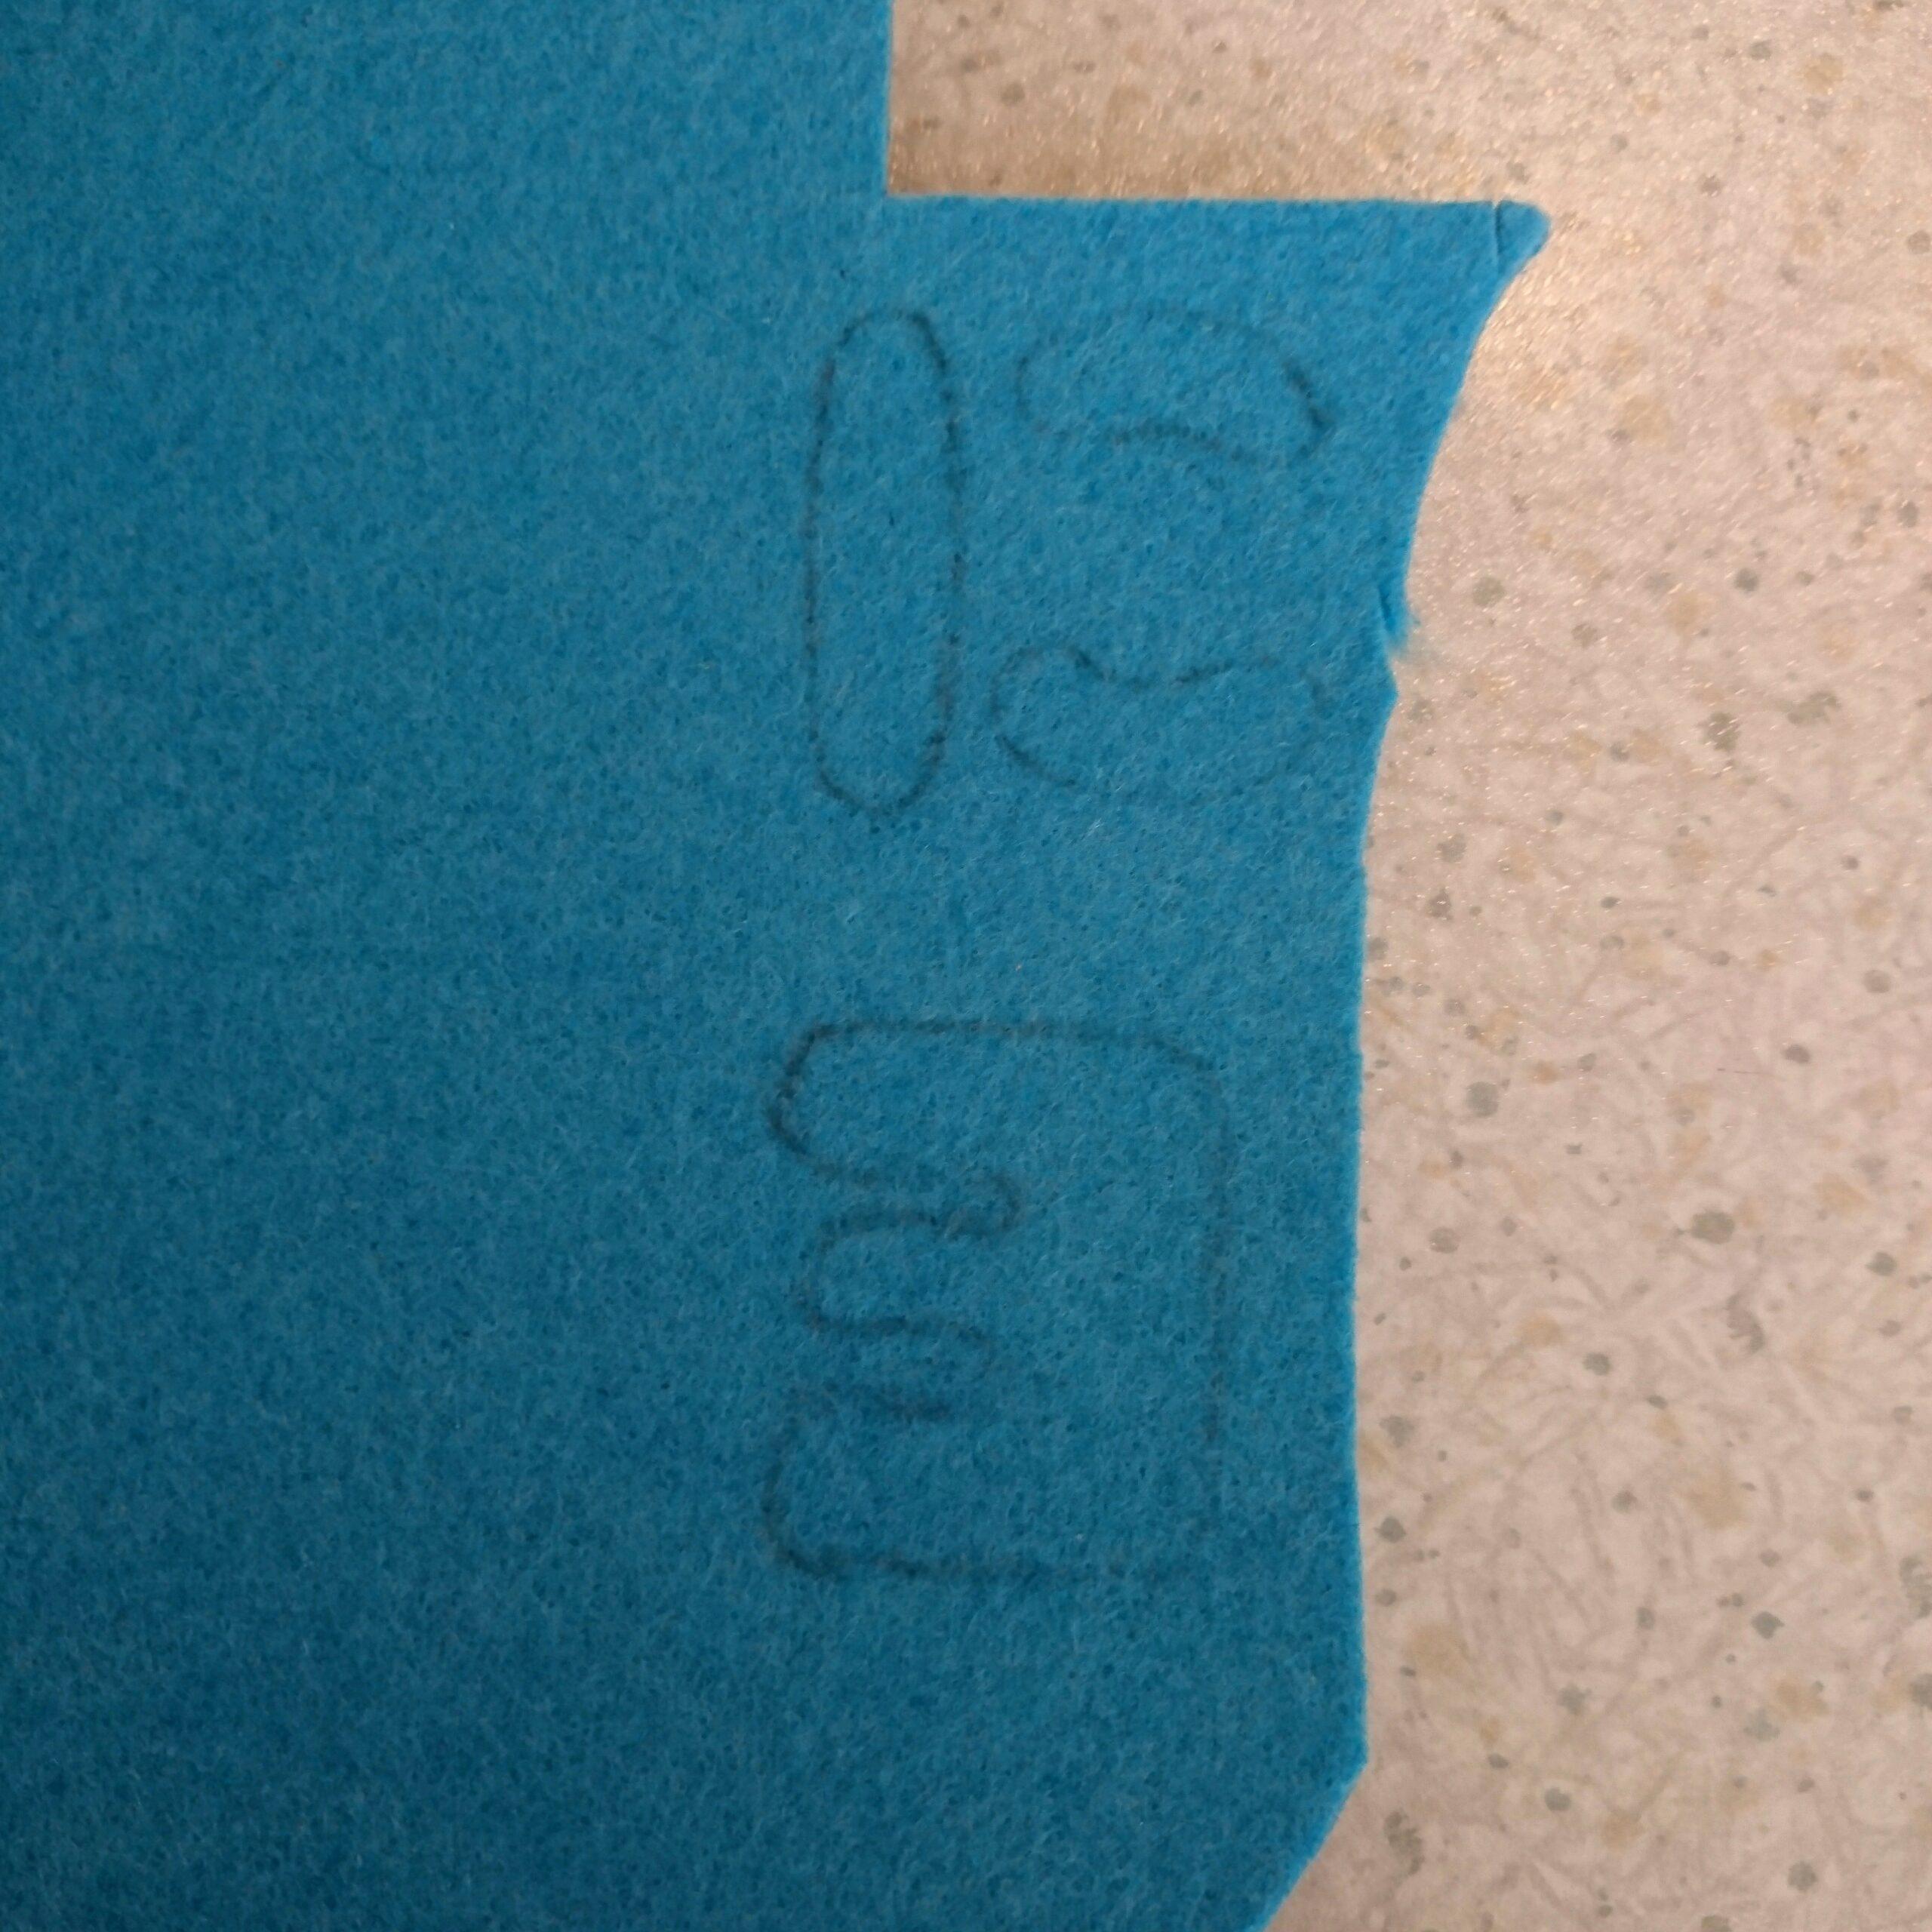 Dettaglio Lettere - 2